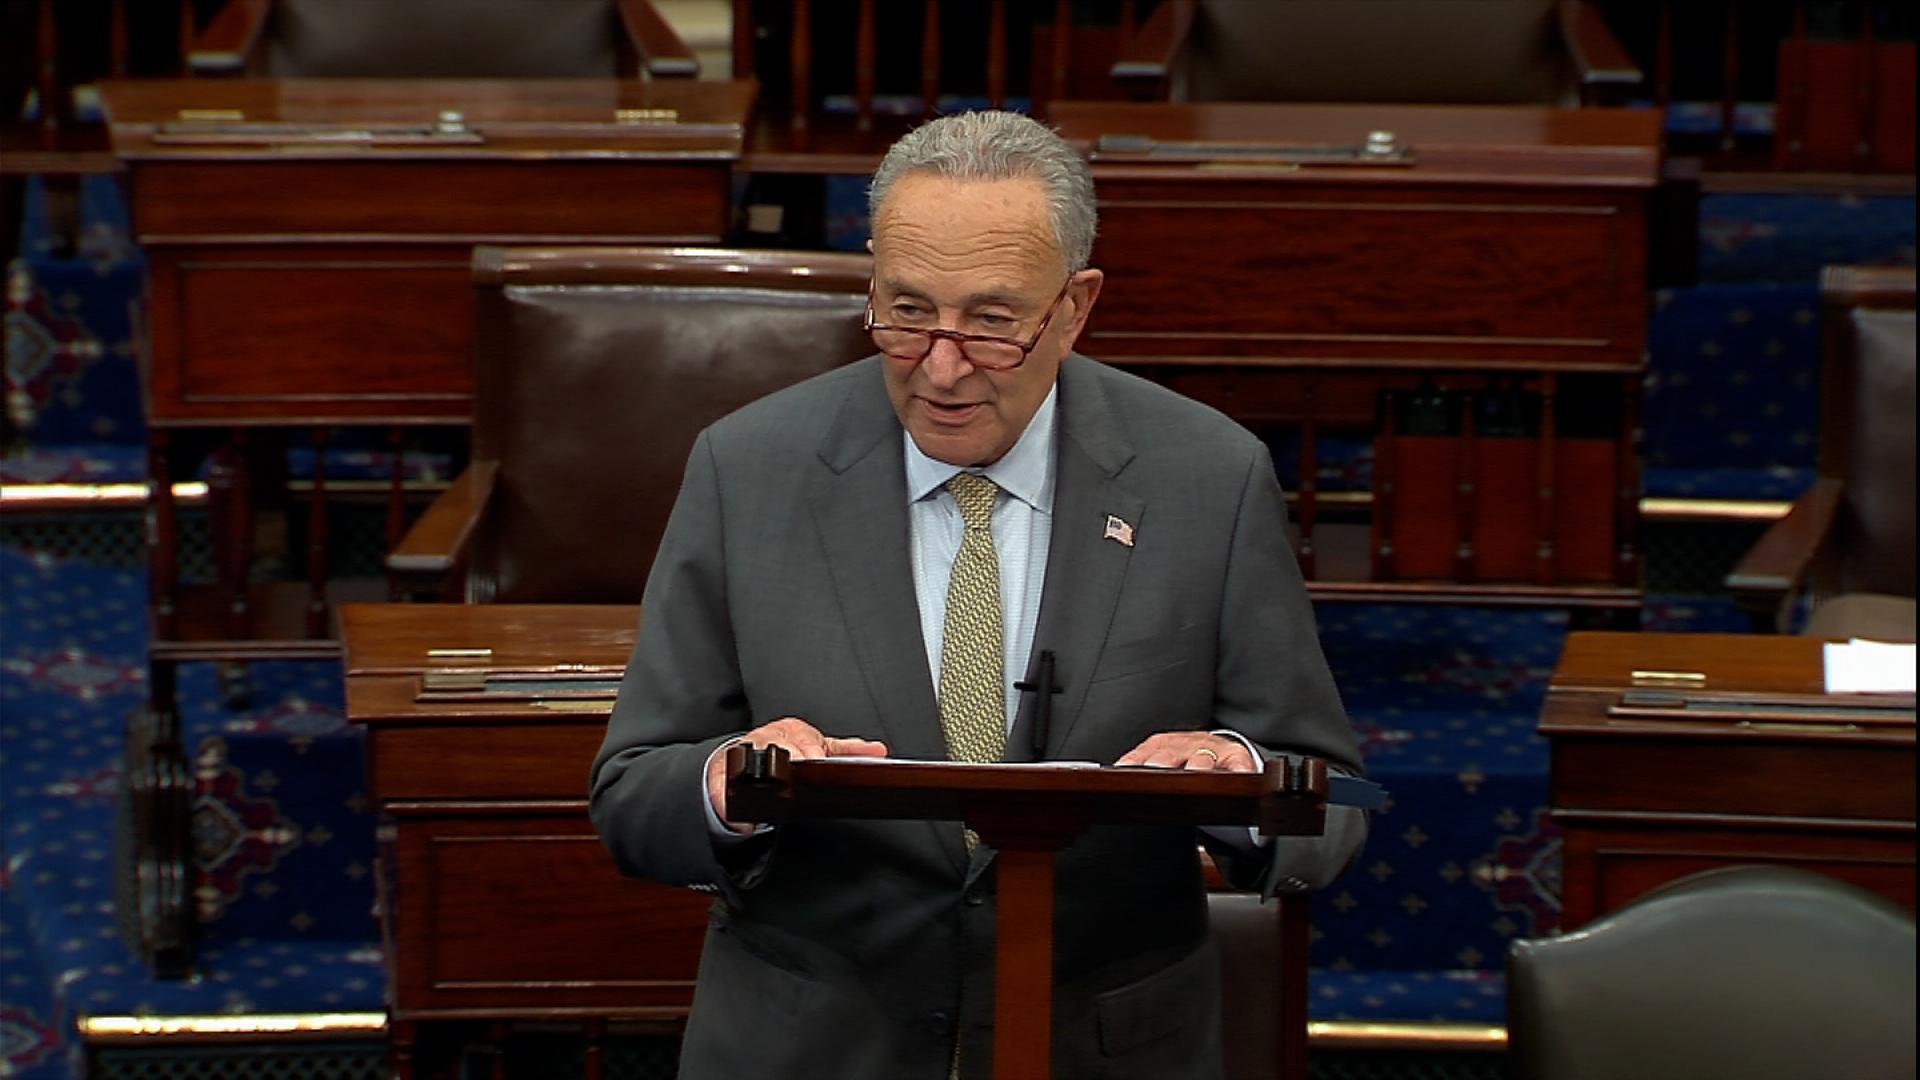 Senate Majority Leader Chuck Schumer speaks on the Senate floor in Washington, DC, on September 30.